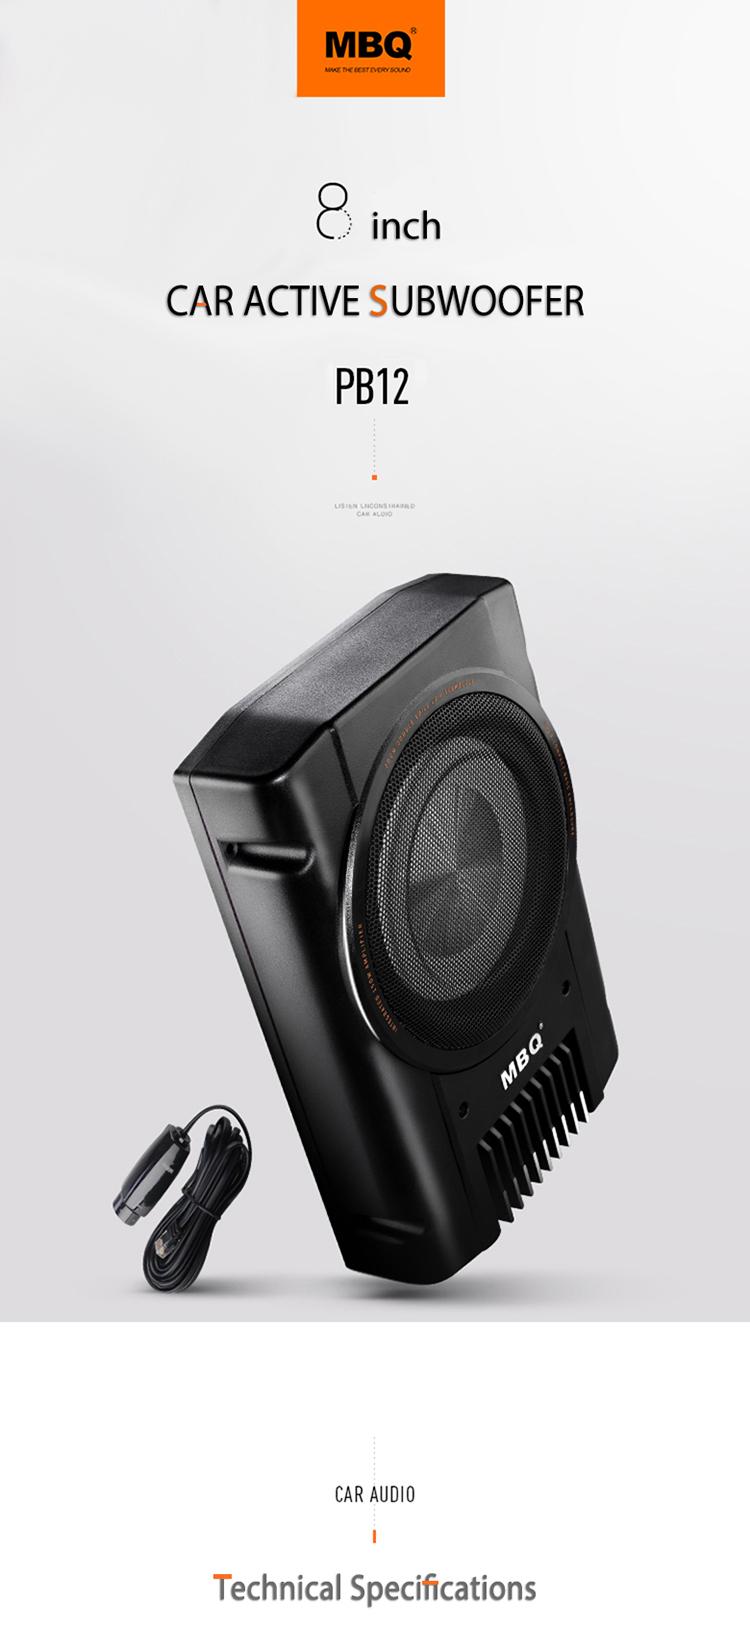 Mbq Sound System Upgrade Powered B Speaker 8 Inch 10 Inch ... on